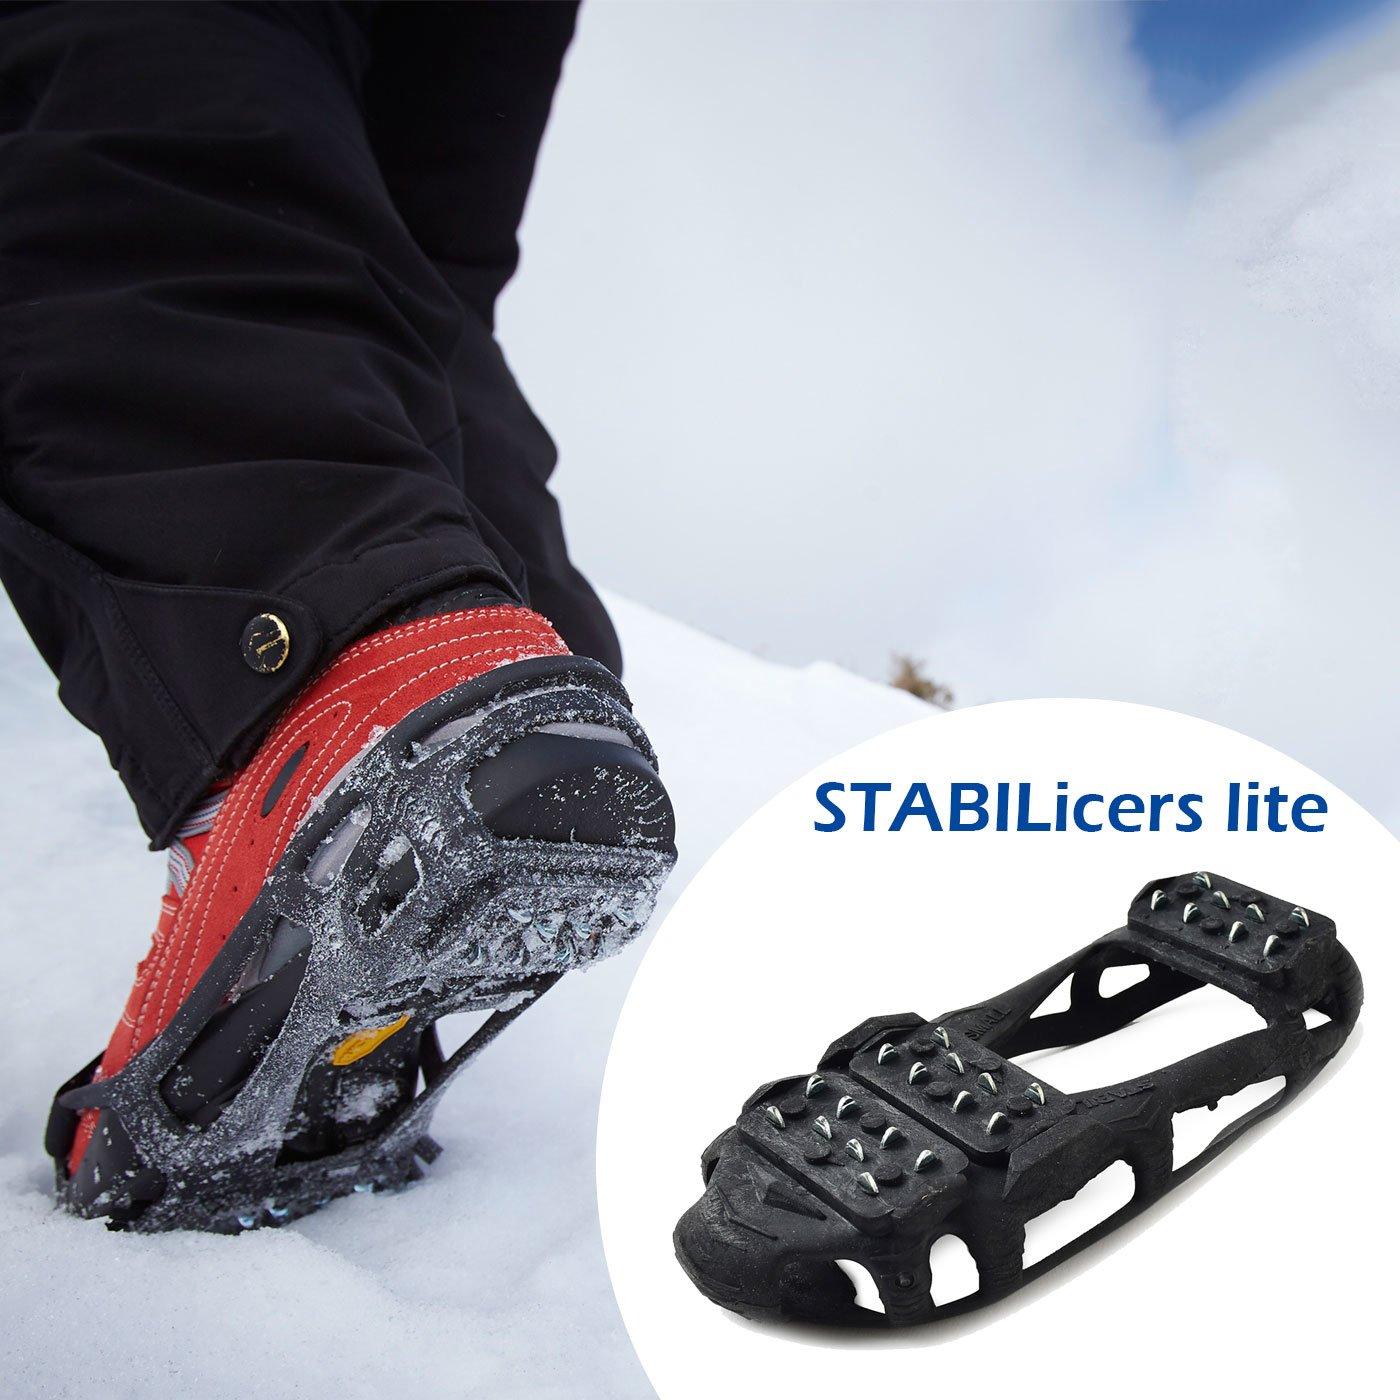 雪や氷の上で滑らない靴用アタッチメント スタビルアイサーライト スノー&アイスウォーカー(ポーチ付き)